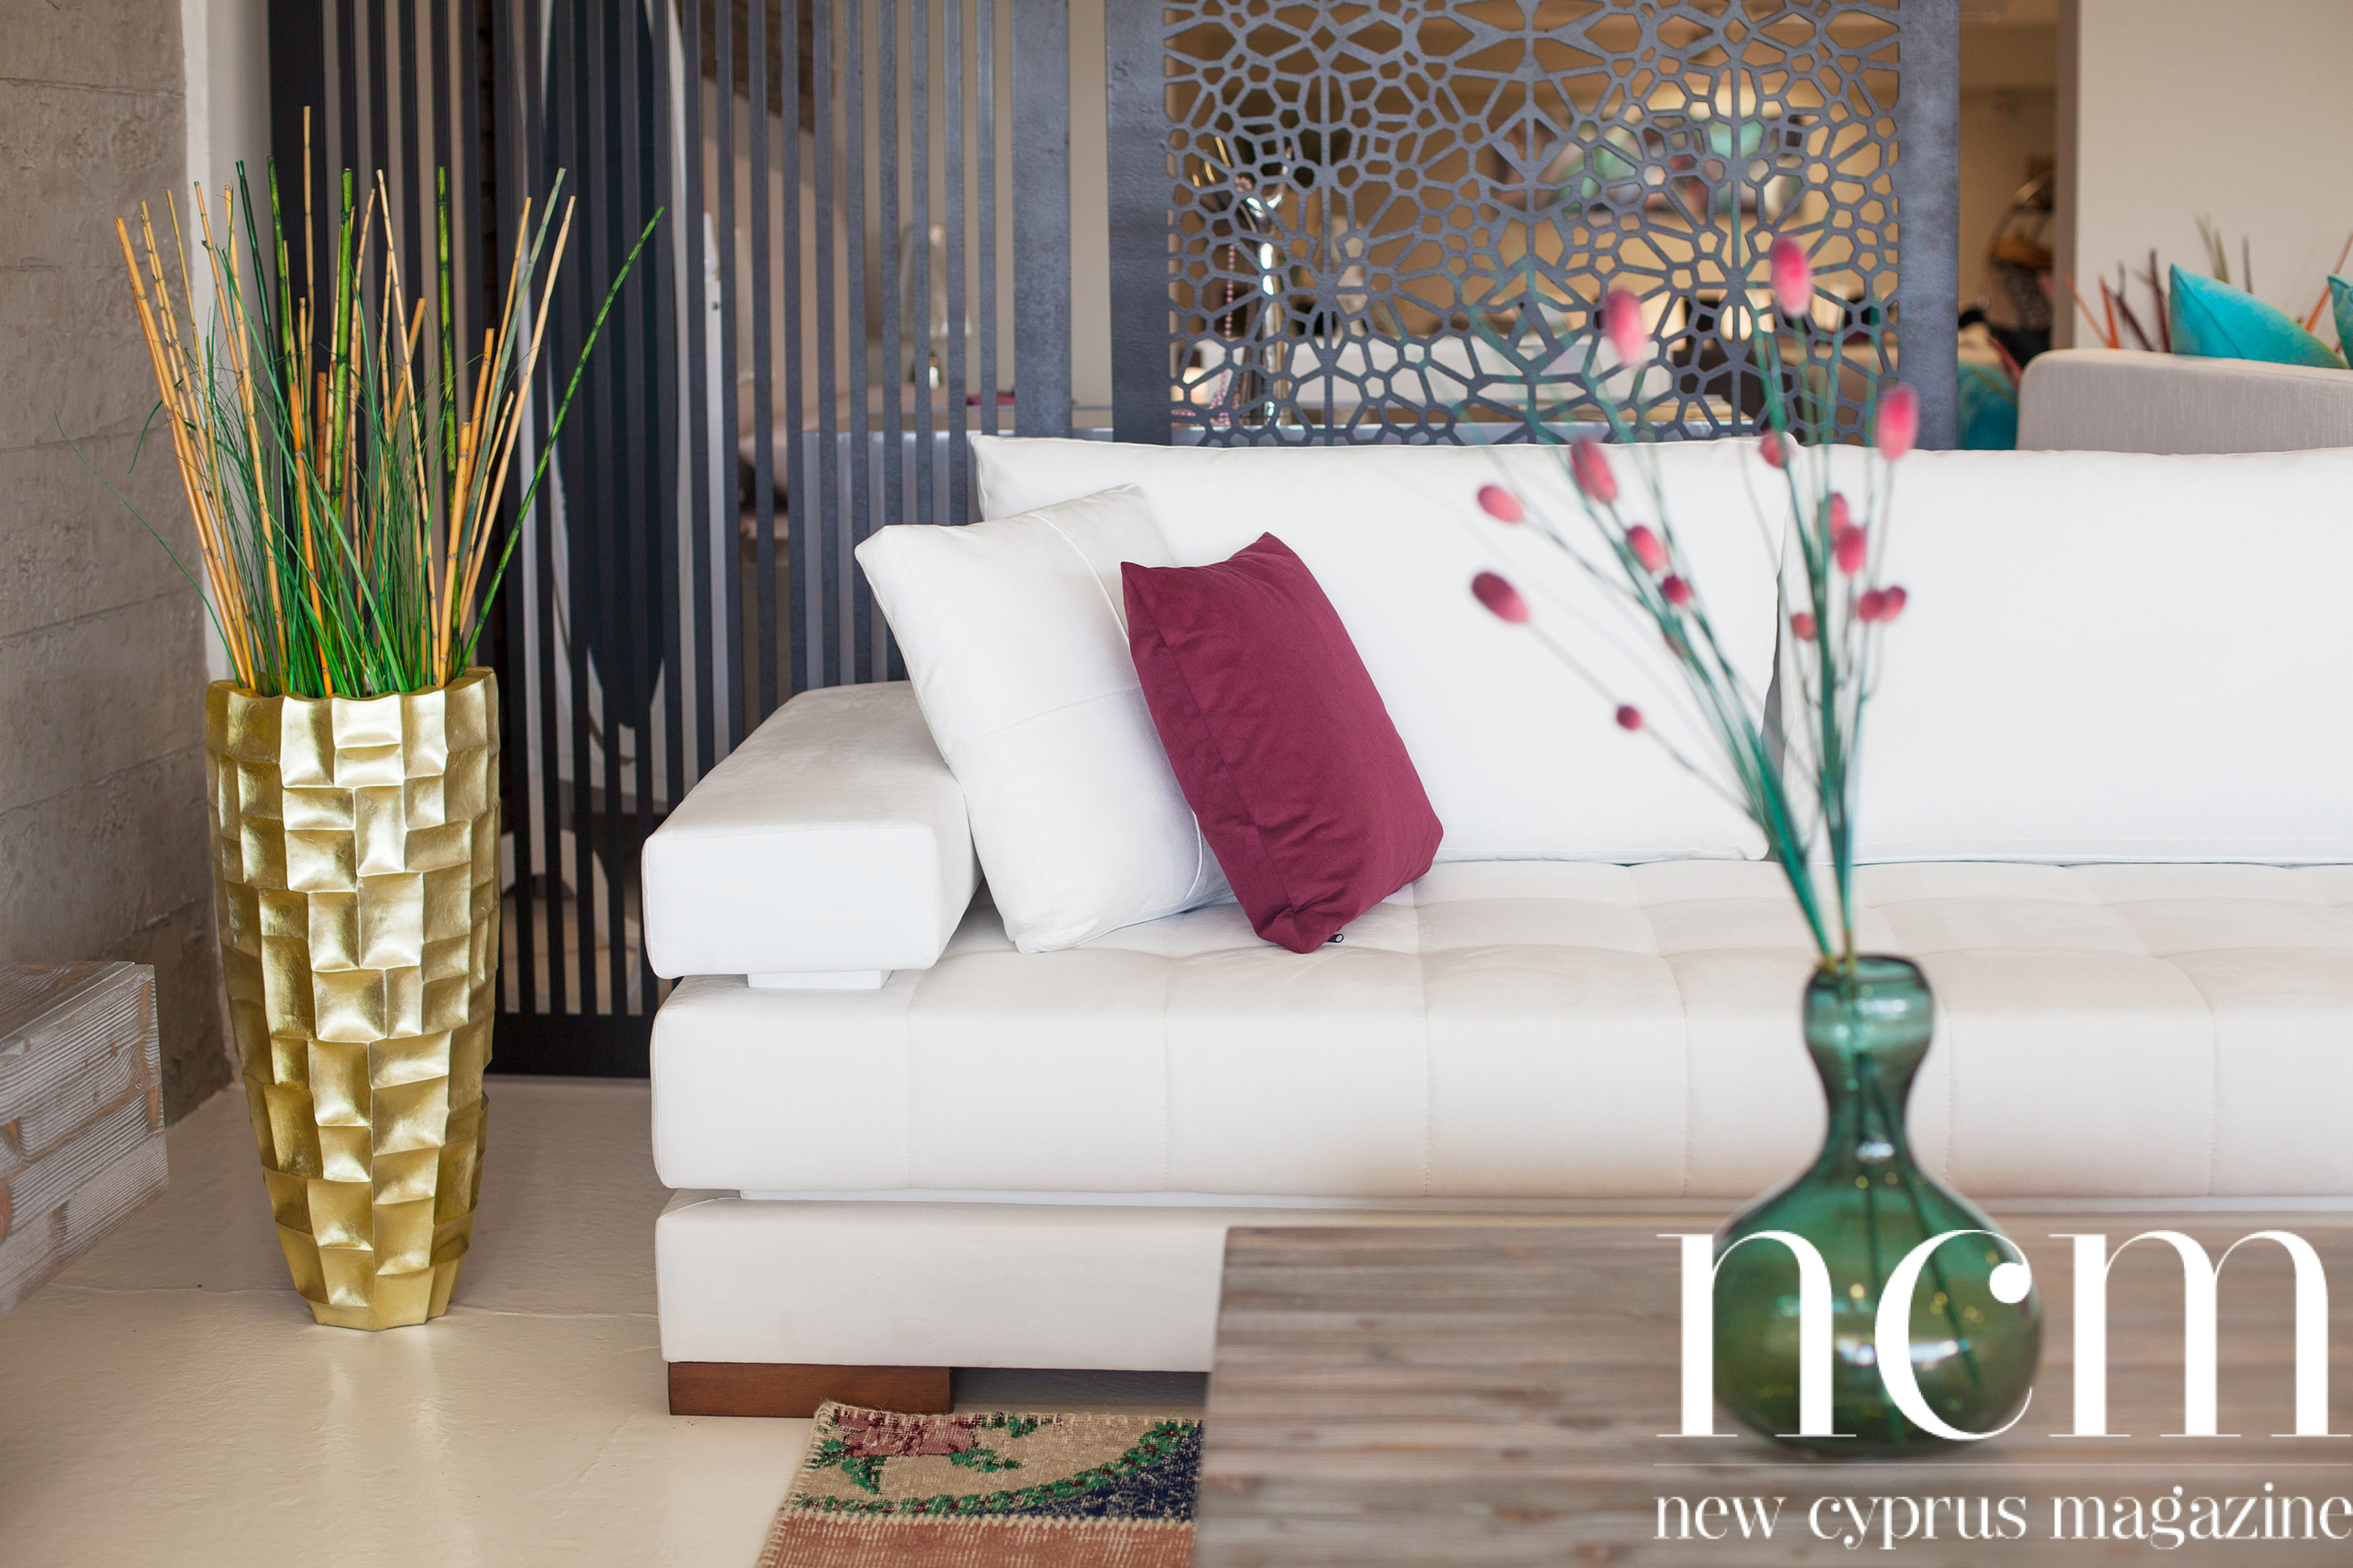 Guppa Home Design - North Cyprus Online Magazine